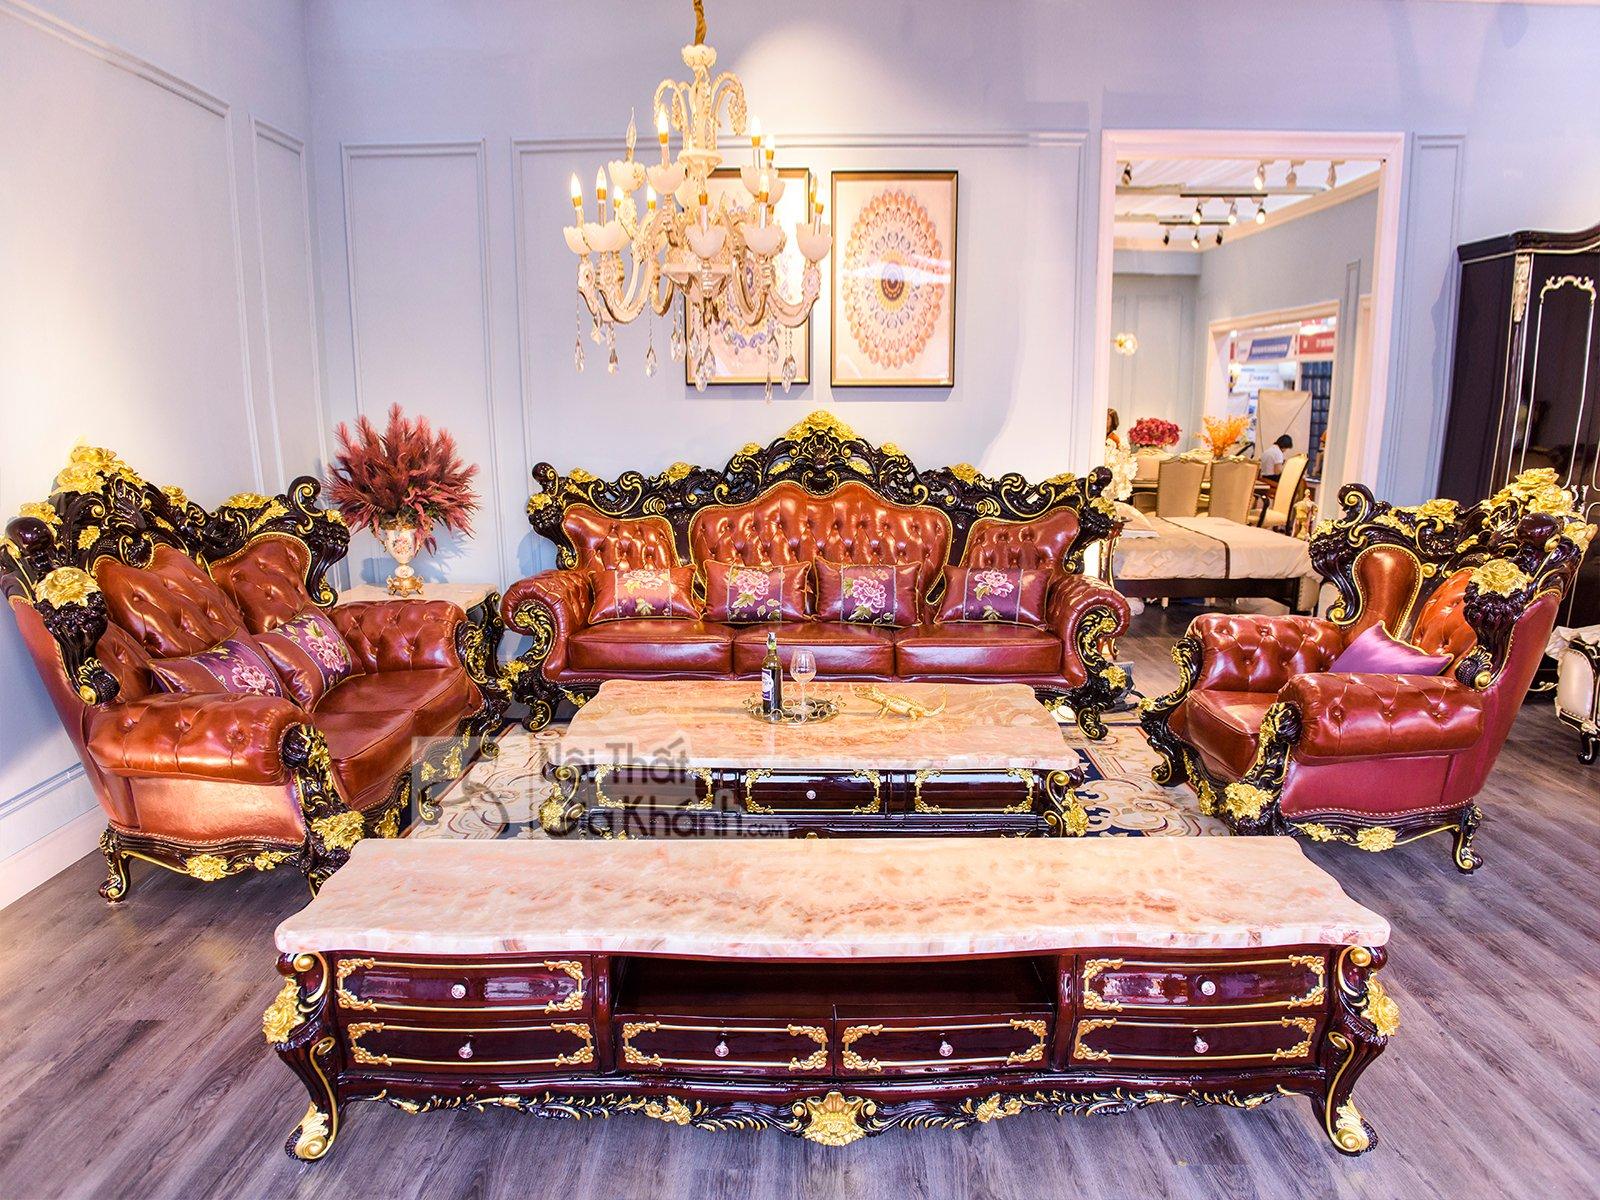 Bộ Sofa Dát Vàng - Kích Thước Khủng The King